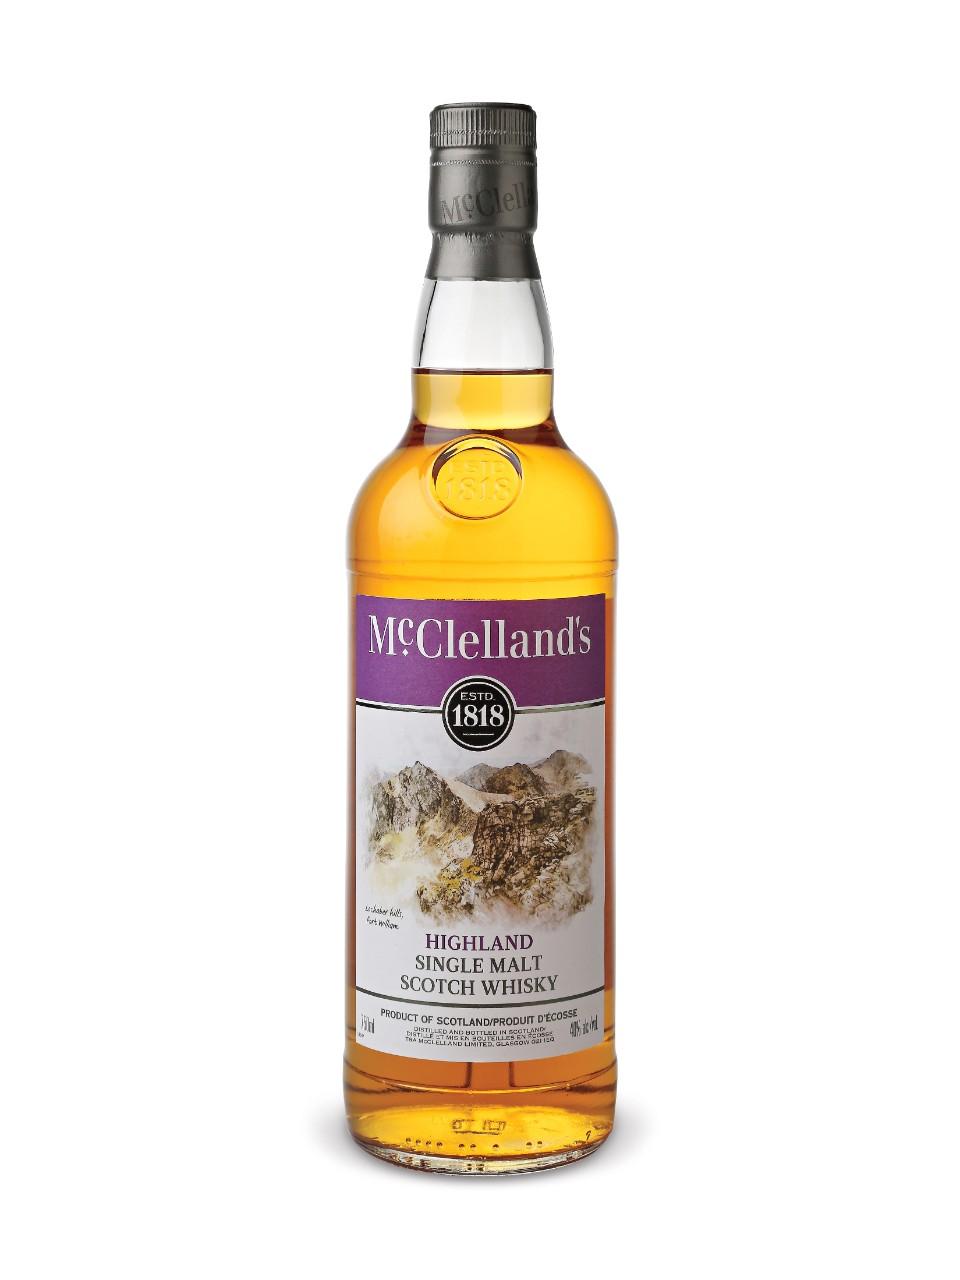 McClellands Highland Single Malt Scotch Whisky | LCBO